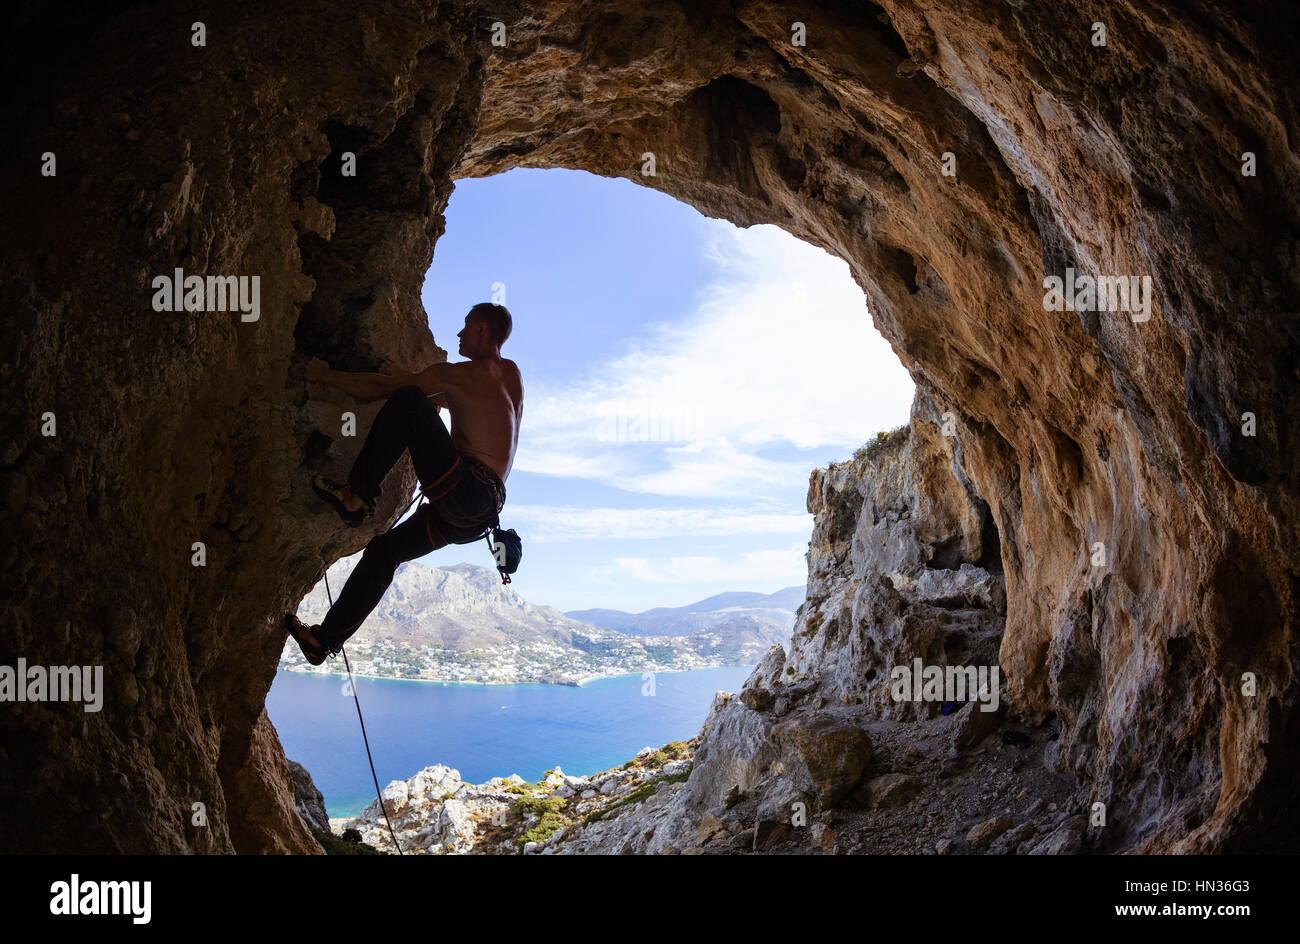 Joven subiendo a lo largo de rocas Imagen De Stock